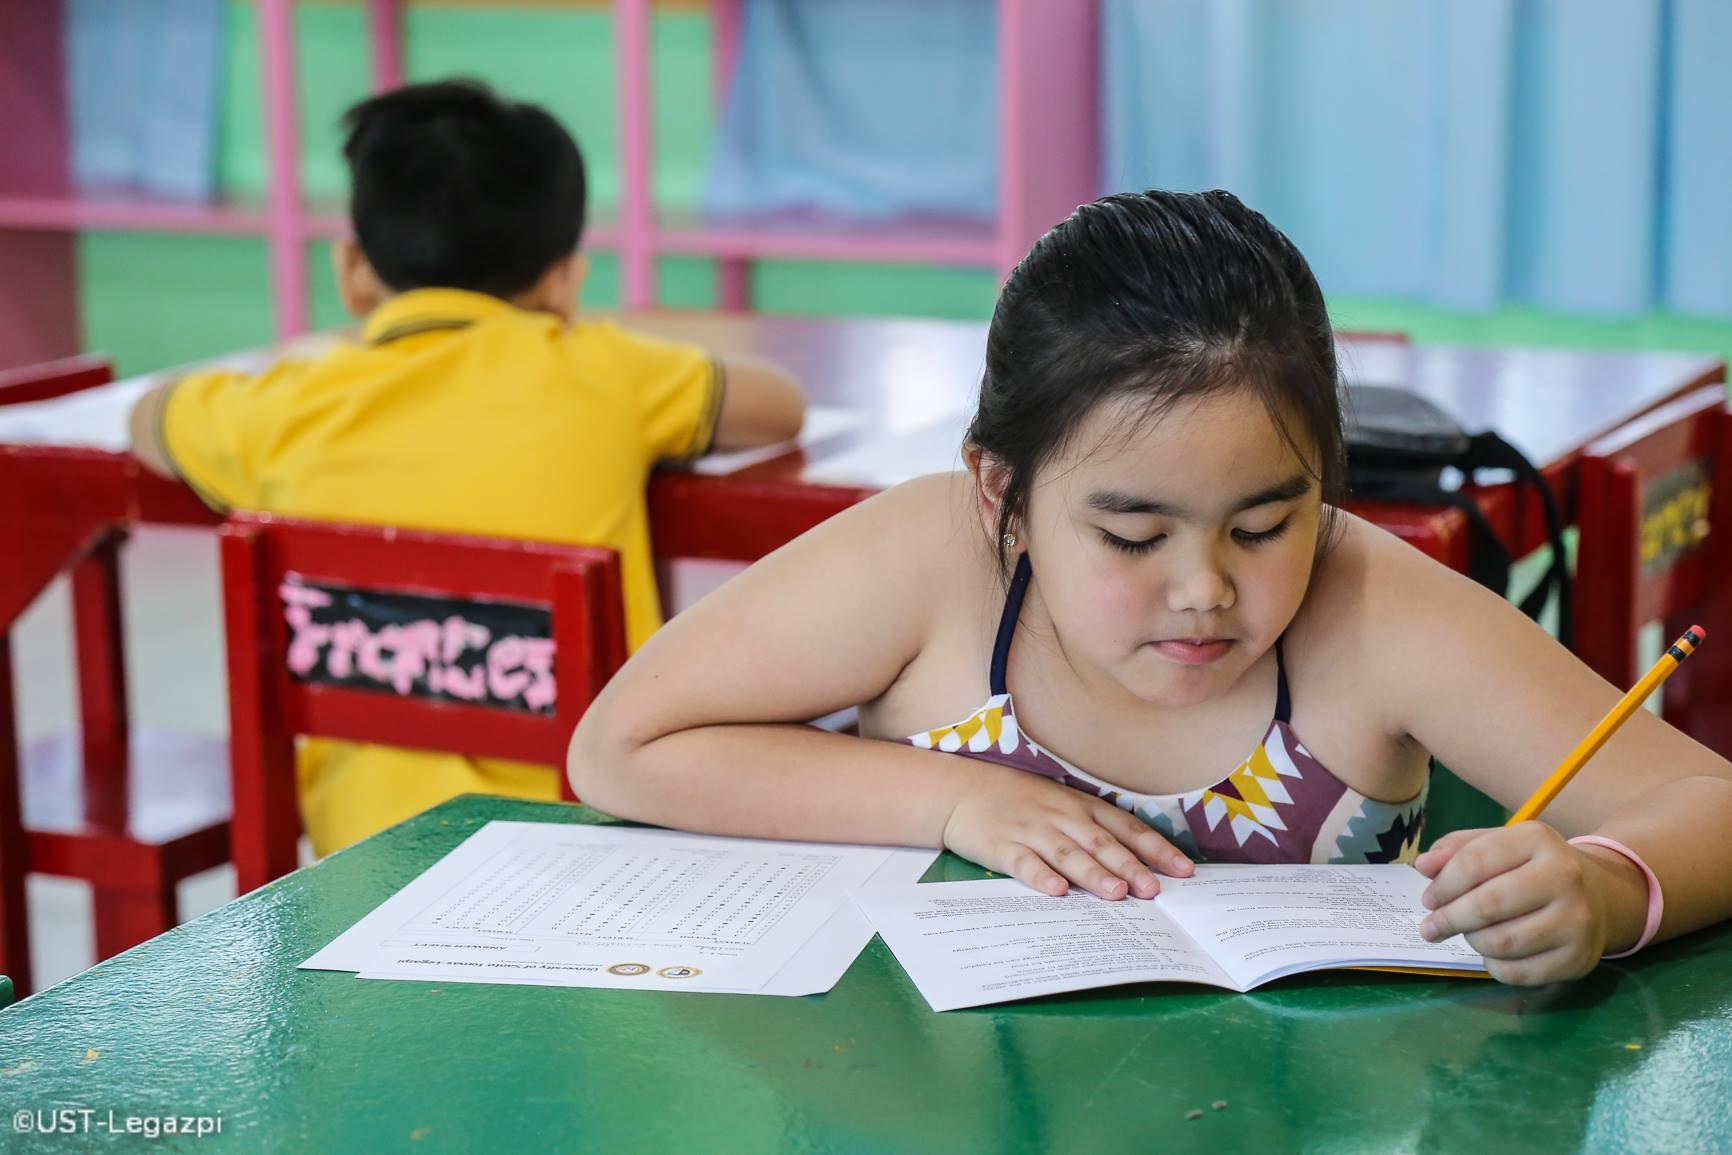 UST-Legazpi Admission Day